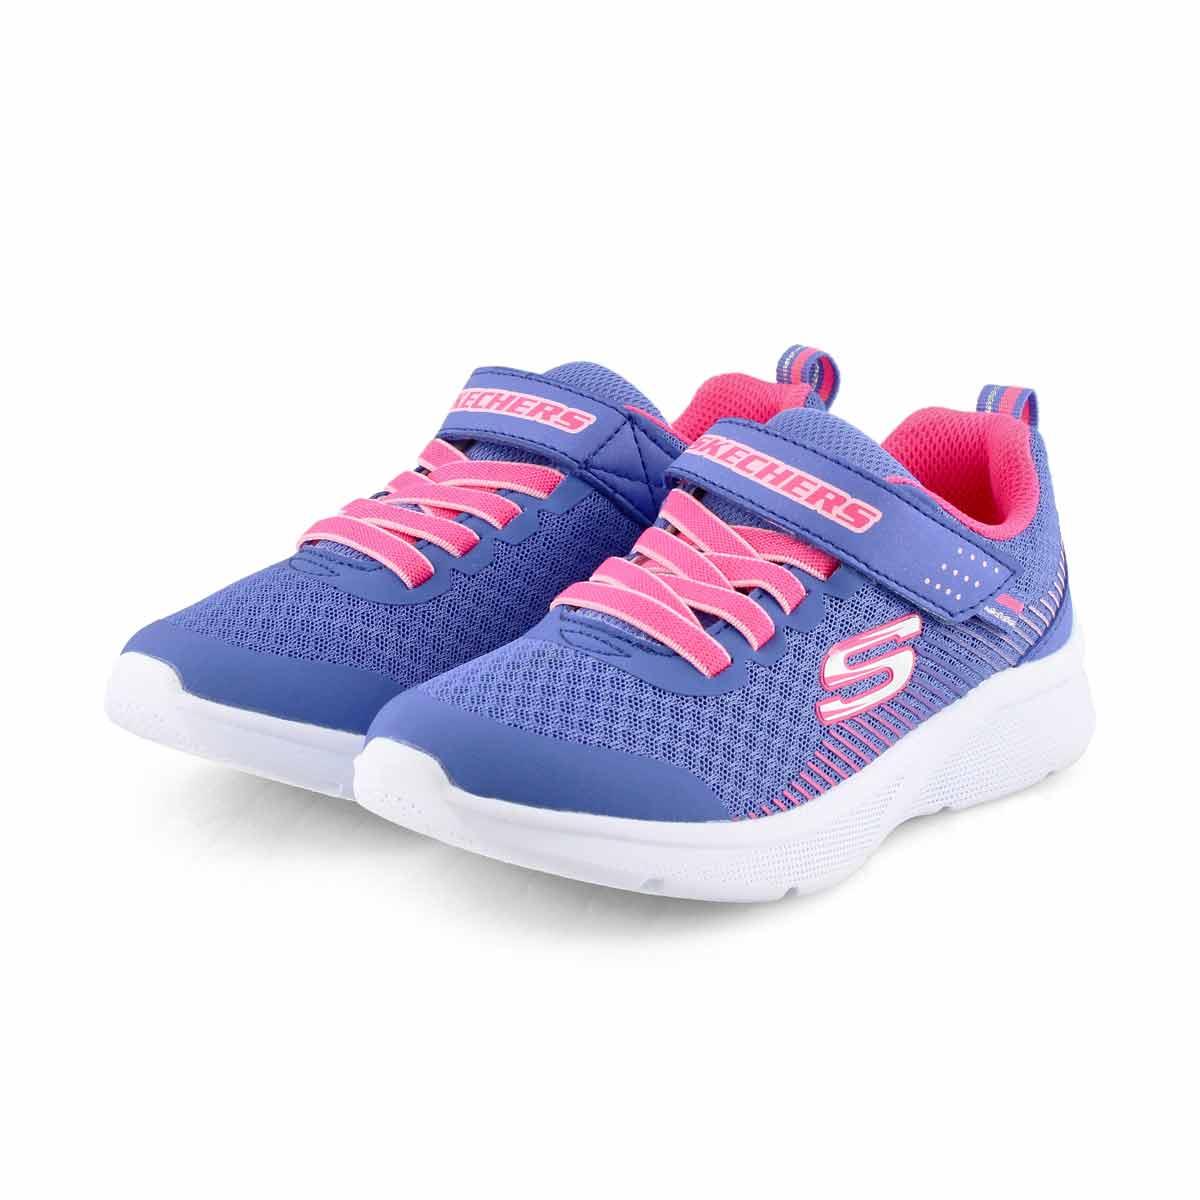 Grls Microspec blu/pnk sneaker